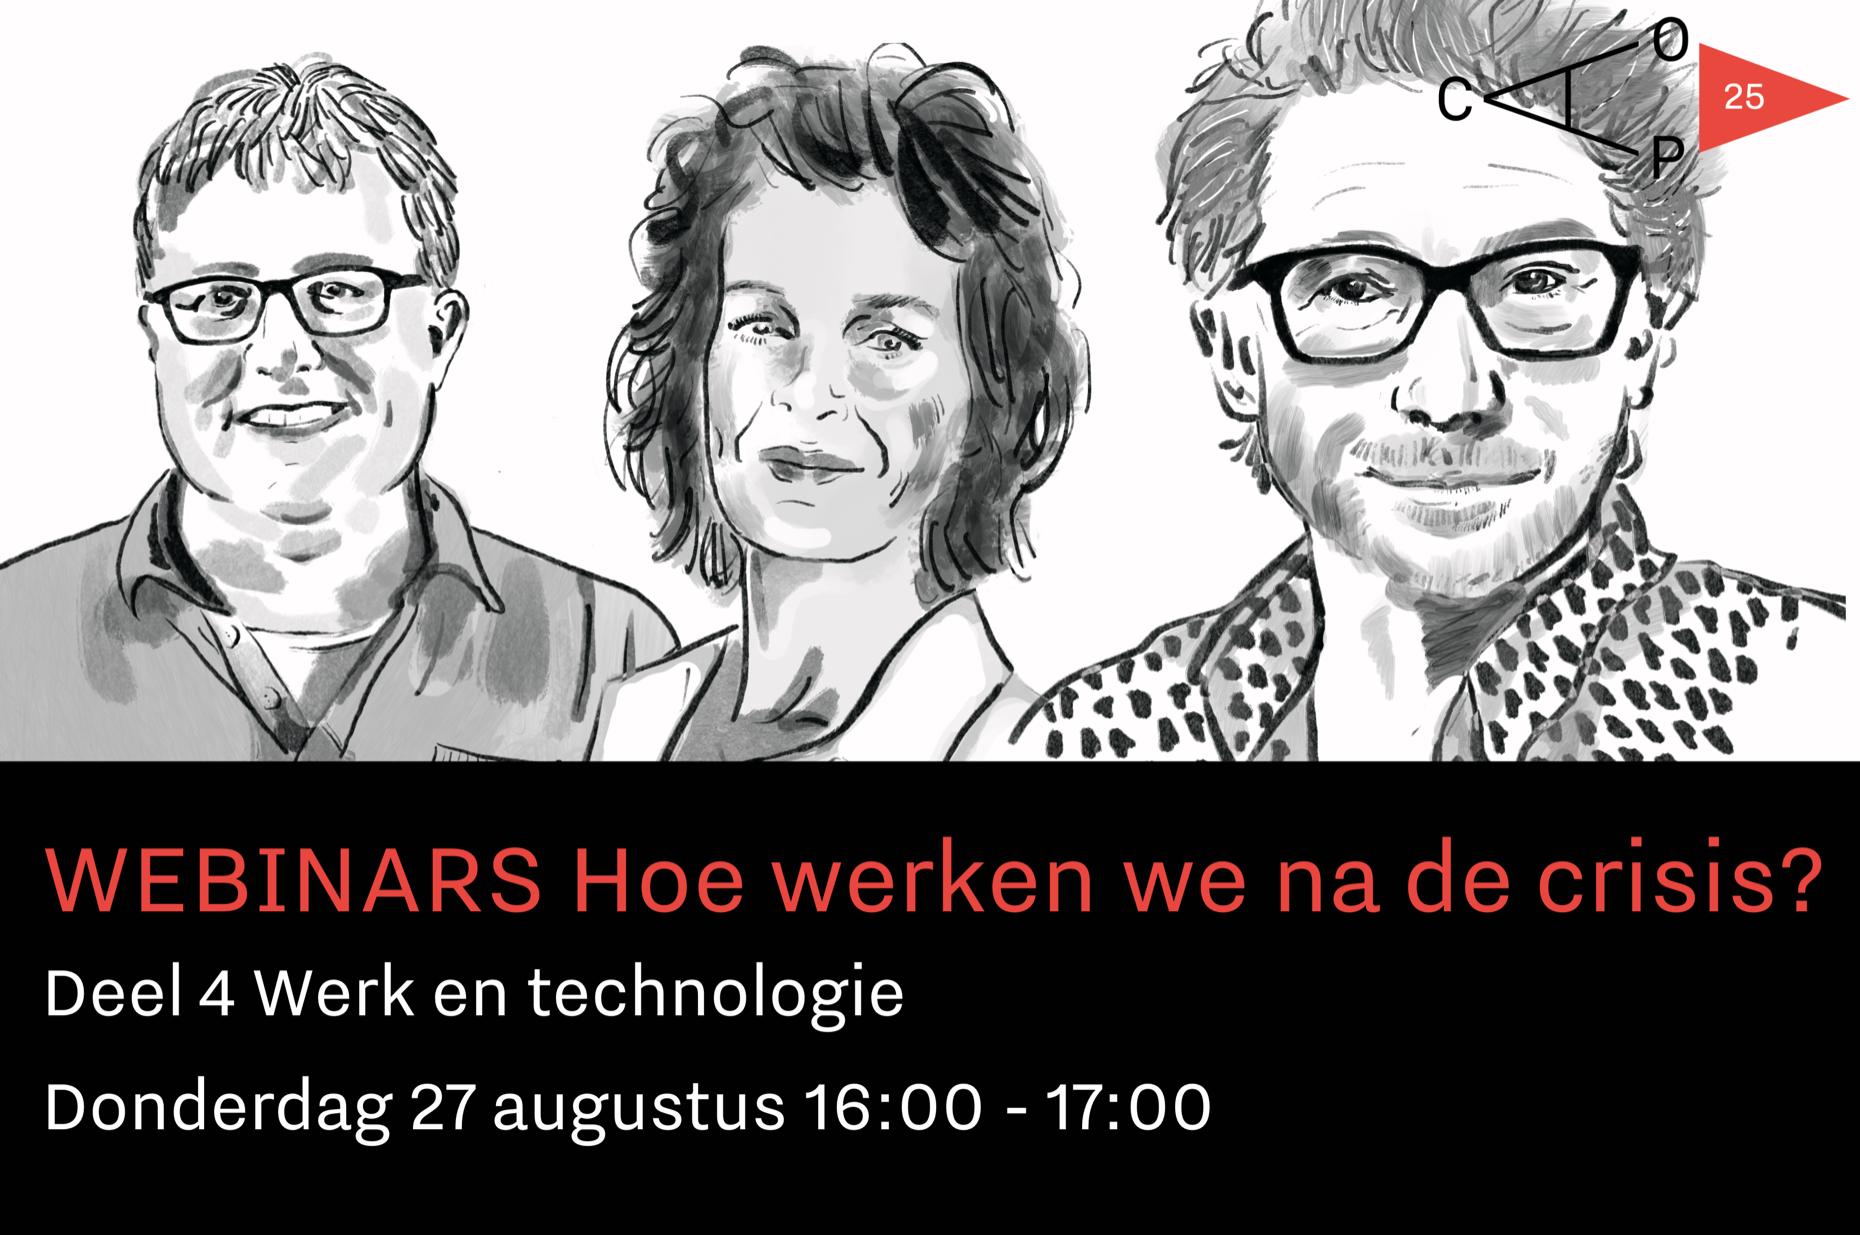 Wilco Brinkman, Judy Hoffer en Frénk van der Linden spreken op 27 augustus met elkaar tijdens de vierde webinar